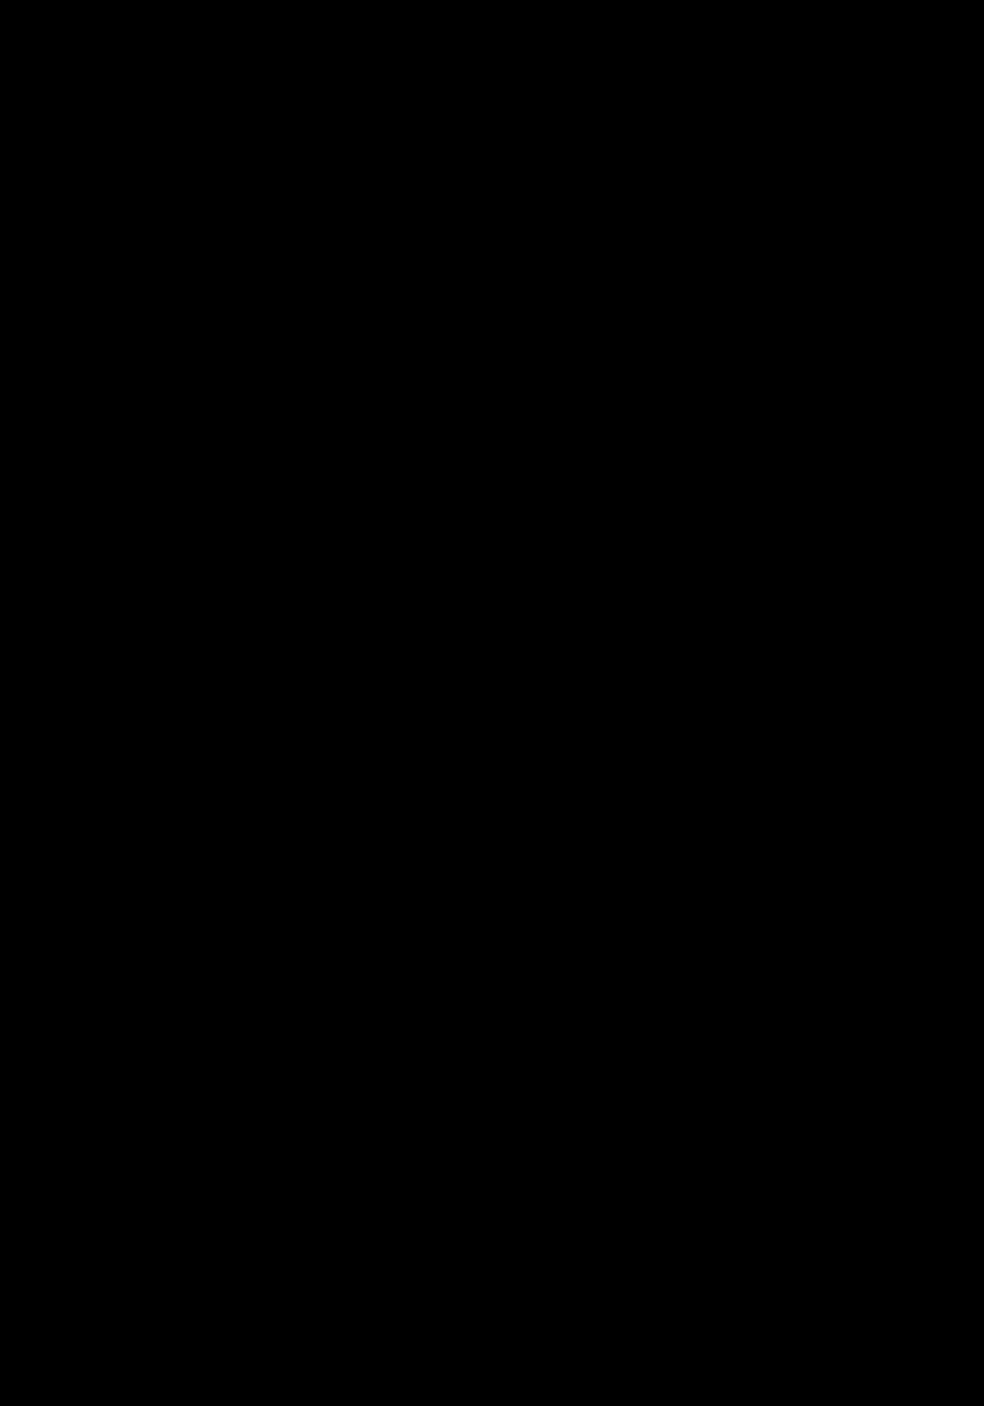 艶 E 大かな ETU-KL 縦組見本